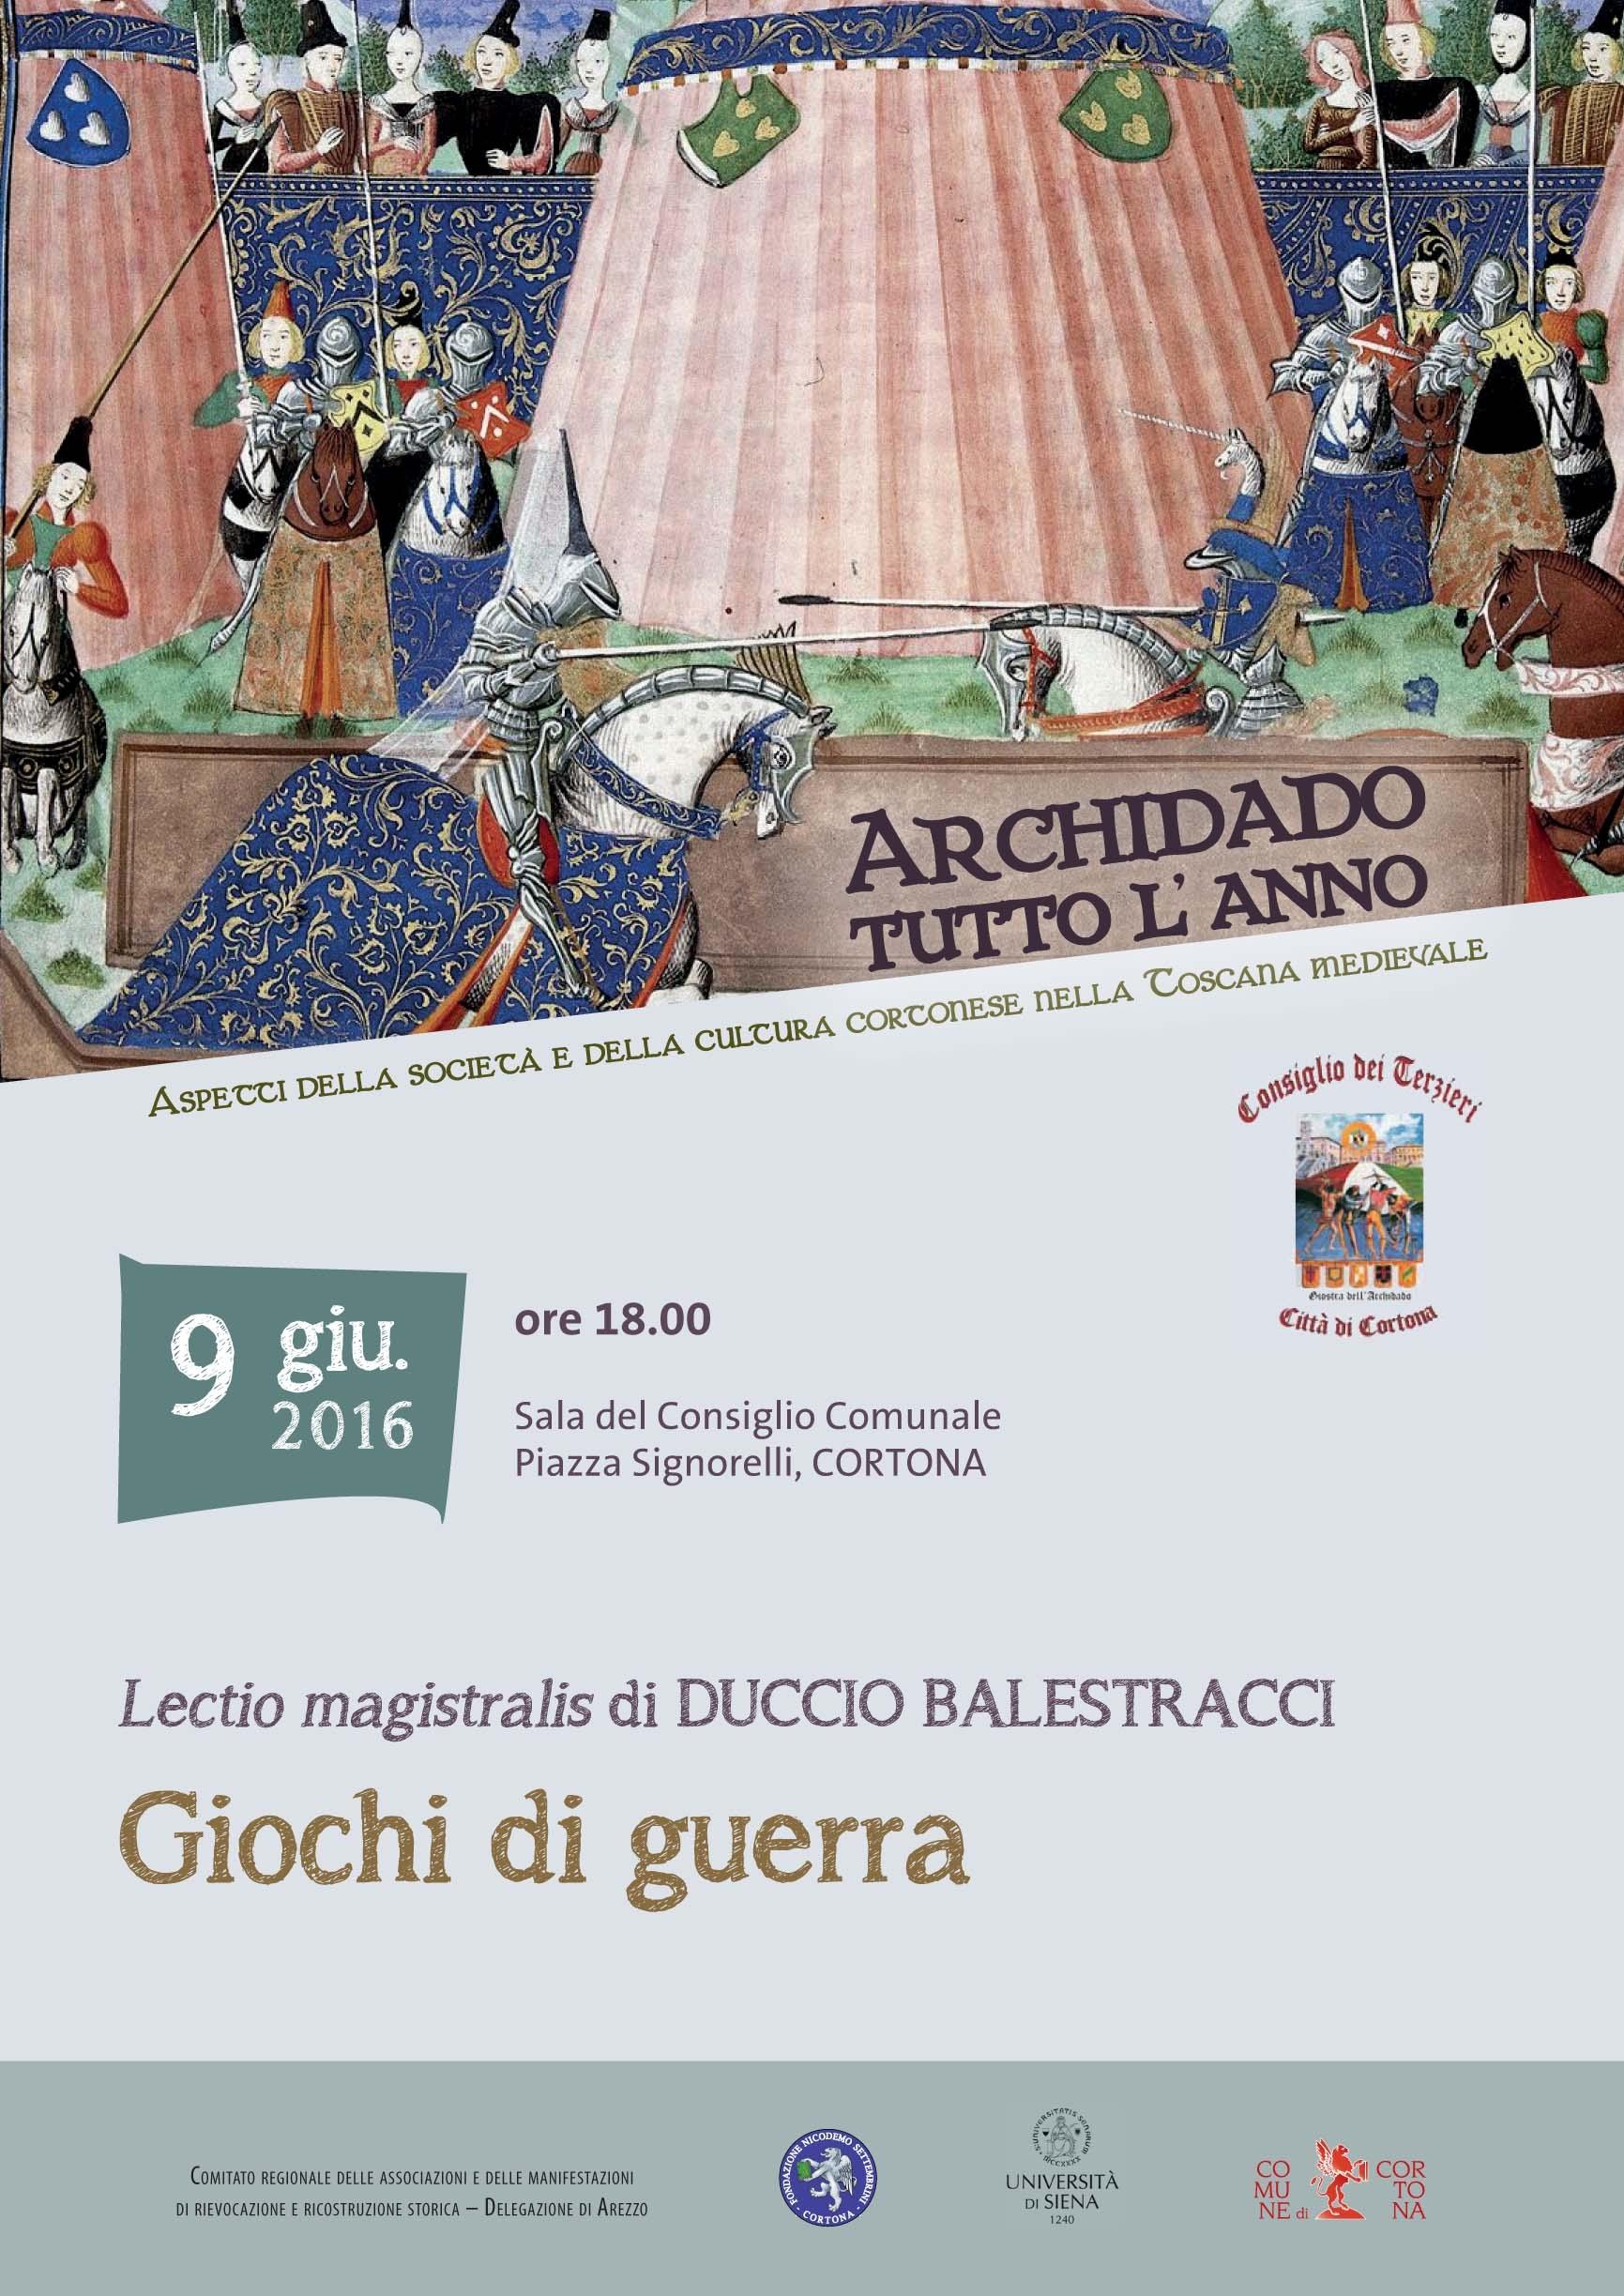 Appuntamento conclusivo del ciclo 'Archidado tutto l'anno' a Cortona